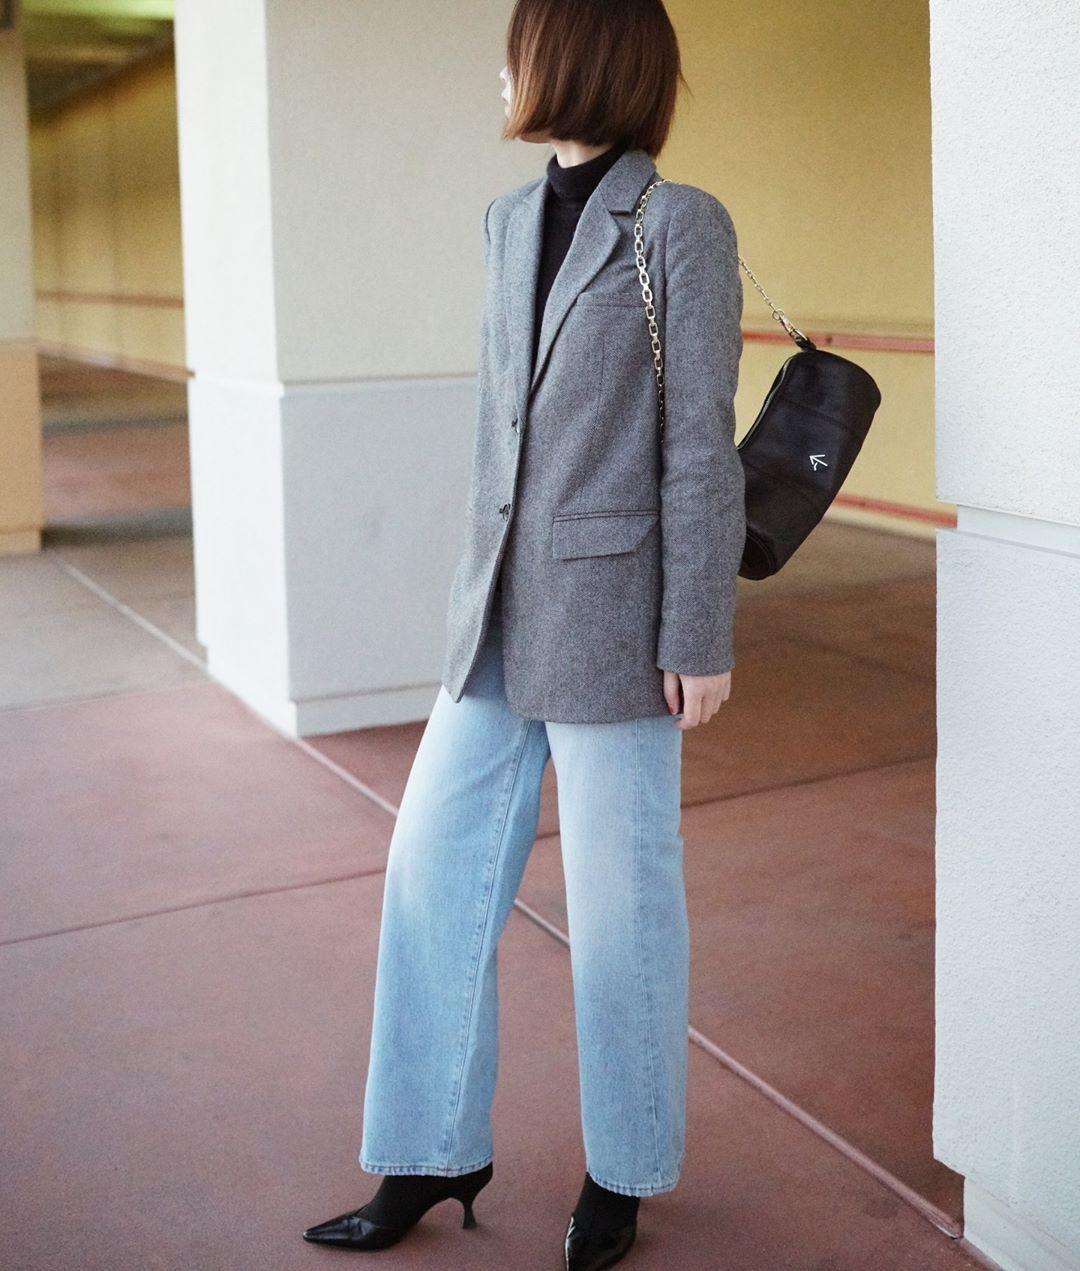 Có đến 4 style khác nhau từ cặp bài trùng quần jeans + blazer phục vụ các chị em công sở - Ảnh 13.